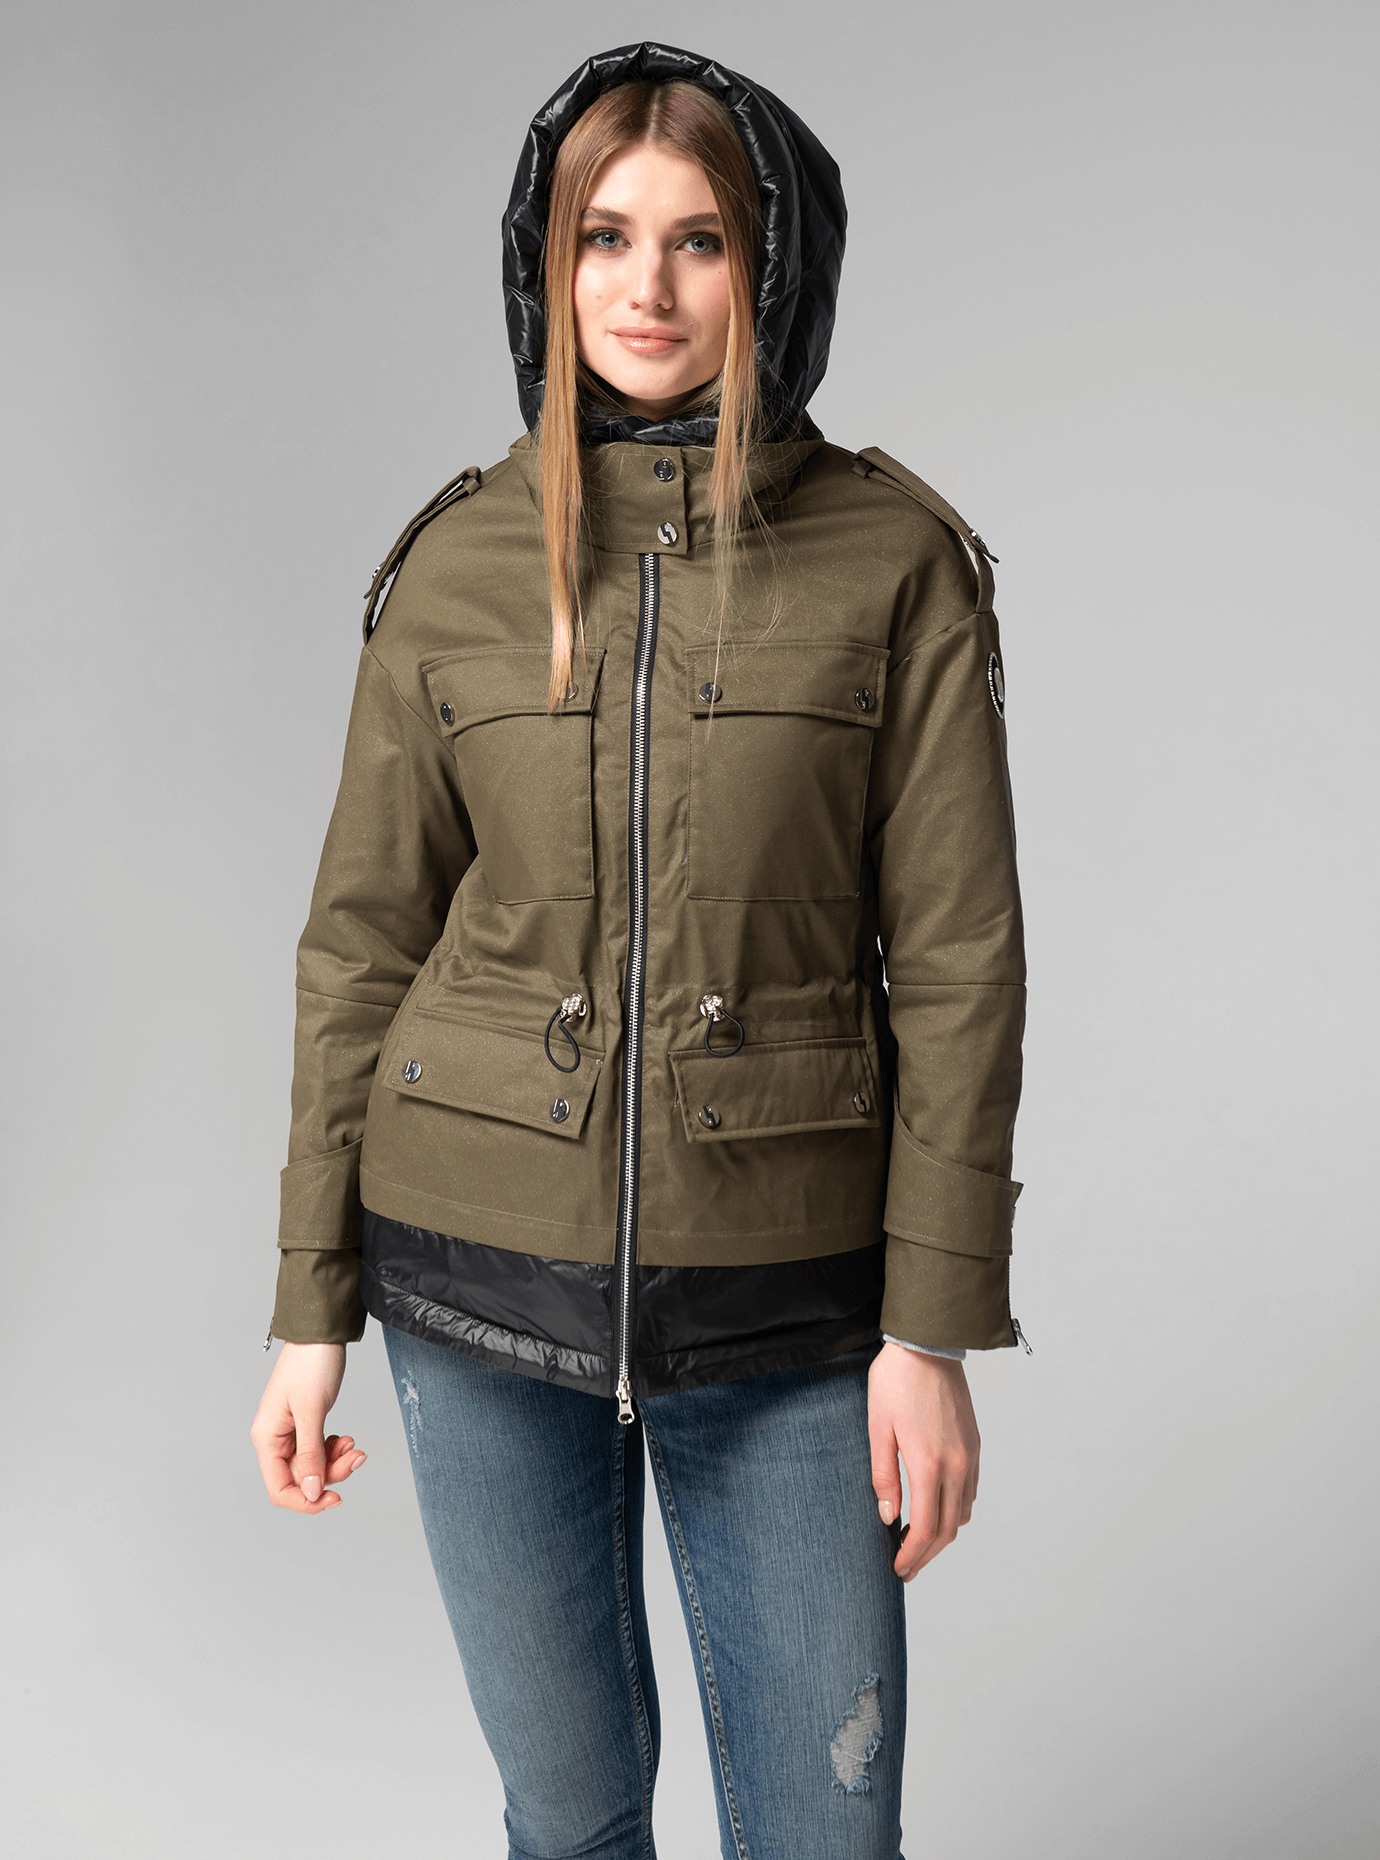 Куртка демисезонная короткая с капюшоном Хаки L (02-V191044): фото - Alster.ua